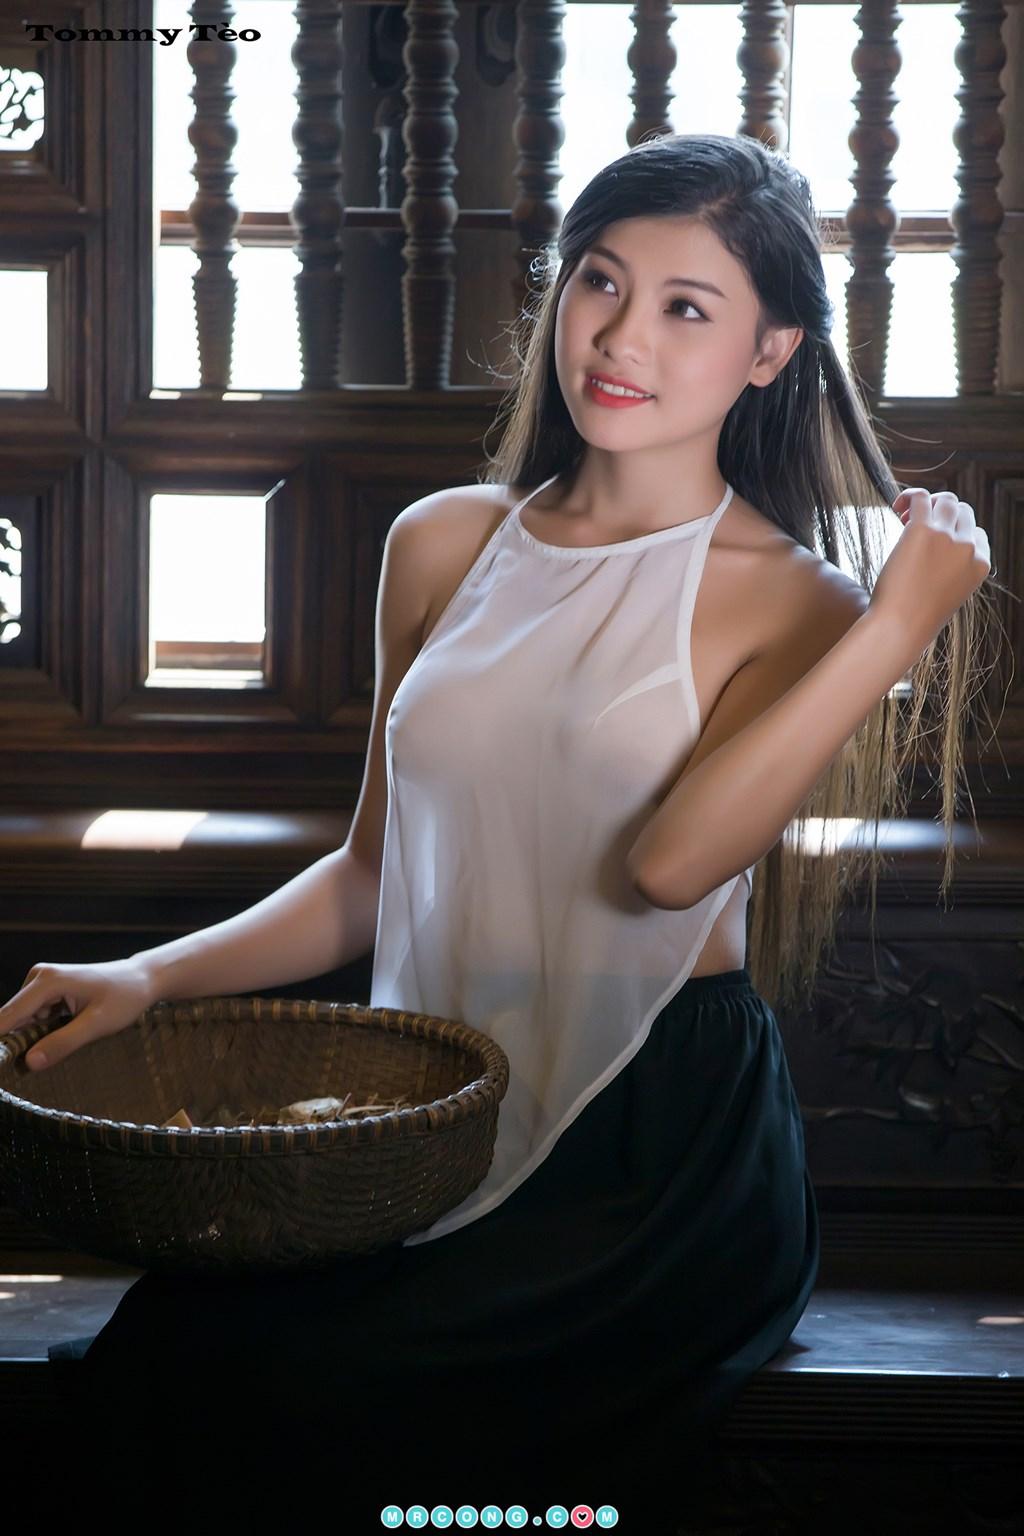 Image Nhung-Nguyen-by-Dang-Thanh-Tung-Tommy-Teo-MrCong.com-004 in post Nóng cả người với bộ ảnh thiếu nữ thả rông ngực mặc áo yếm mỏng tang (19 ảnh)